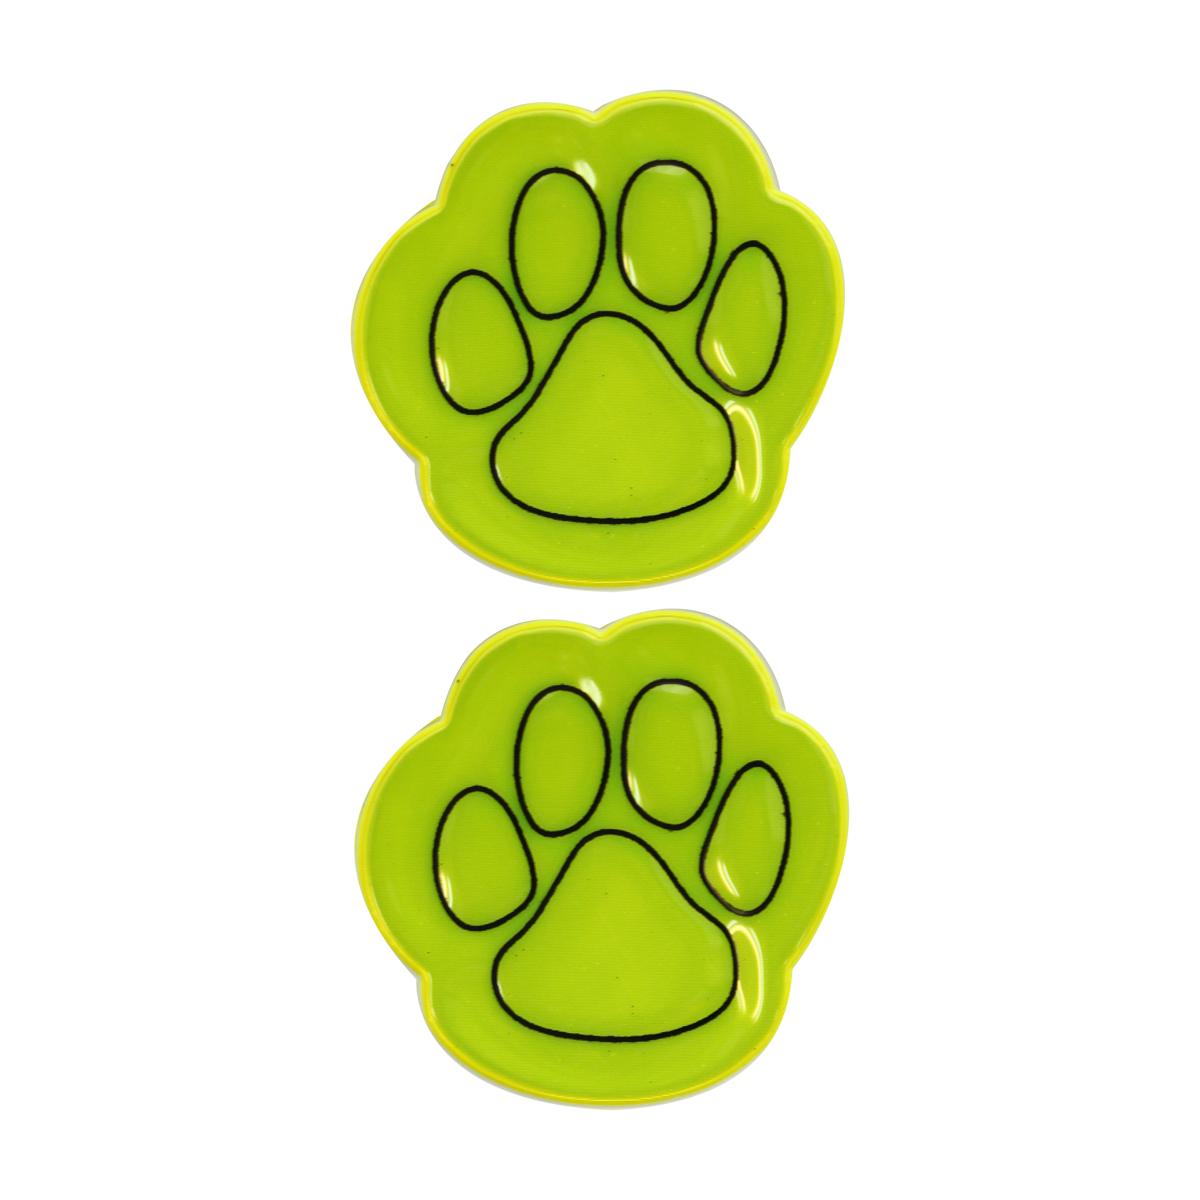 Наклейка светоотражающая Bestex Ступня, цвет: желтый, 2 шт набор шкатулок для рукоделия bestex 3 шт zw001250